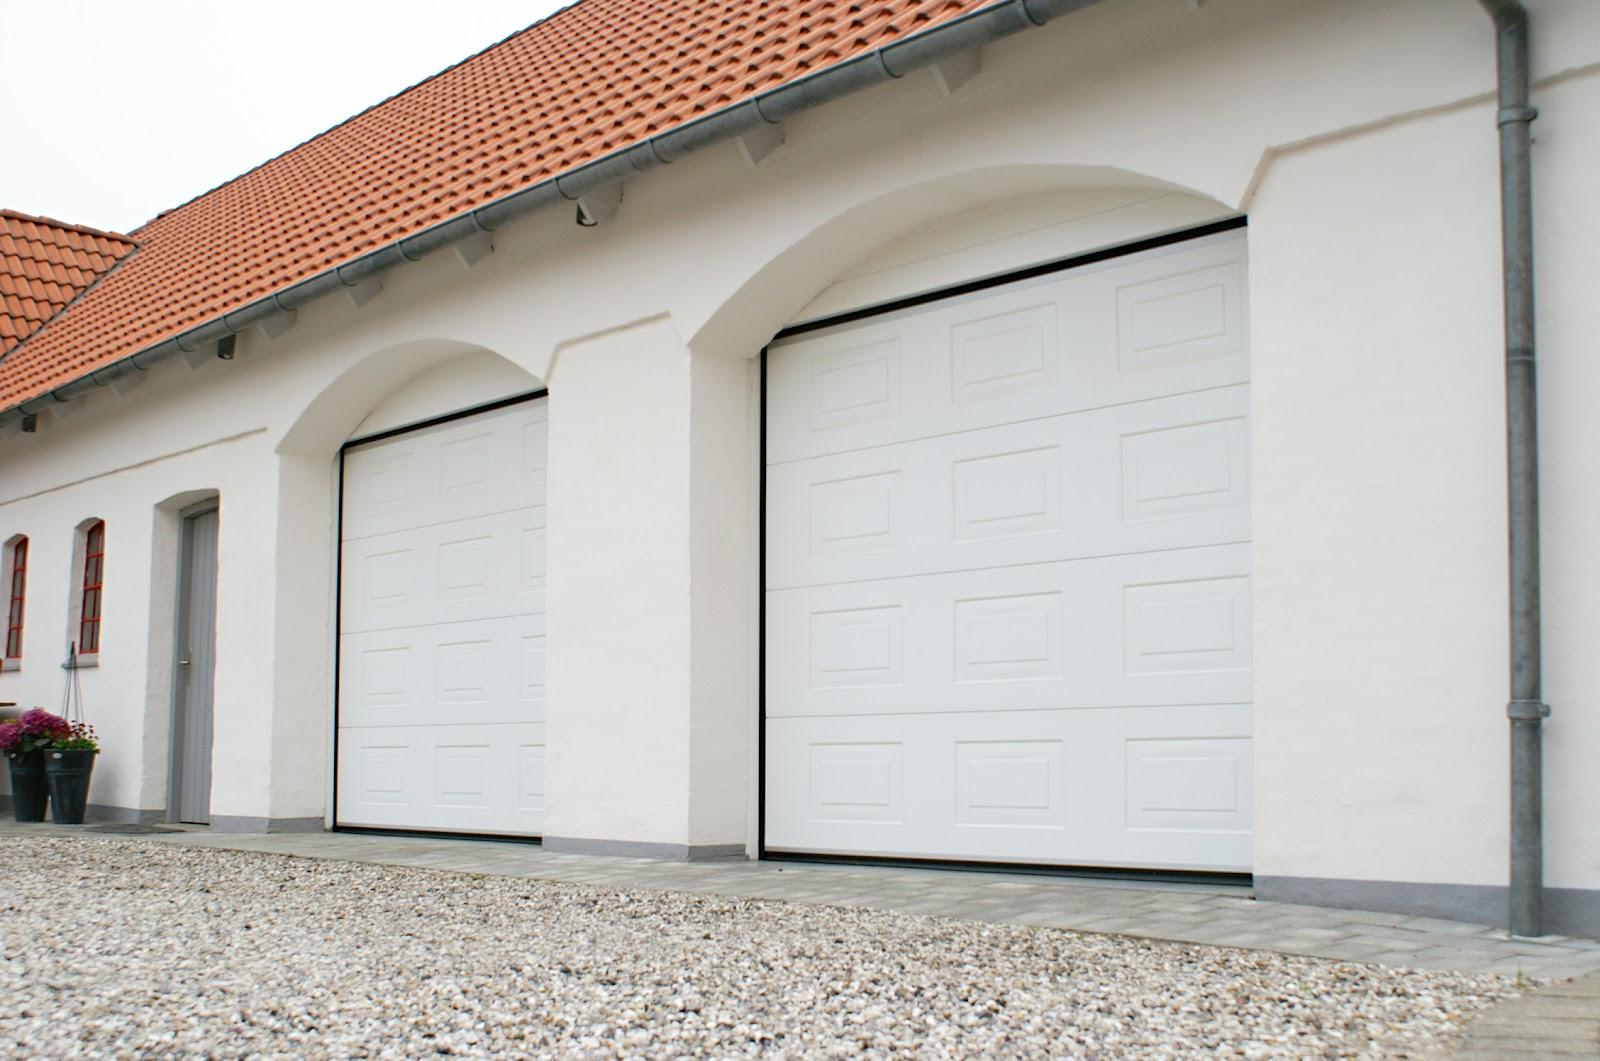 1061 #90553B  45mm Insulated Sectional Overhead Garage Doors And Industrial Doors picture/photo Overhead Garage Doors 38291600